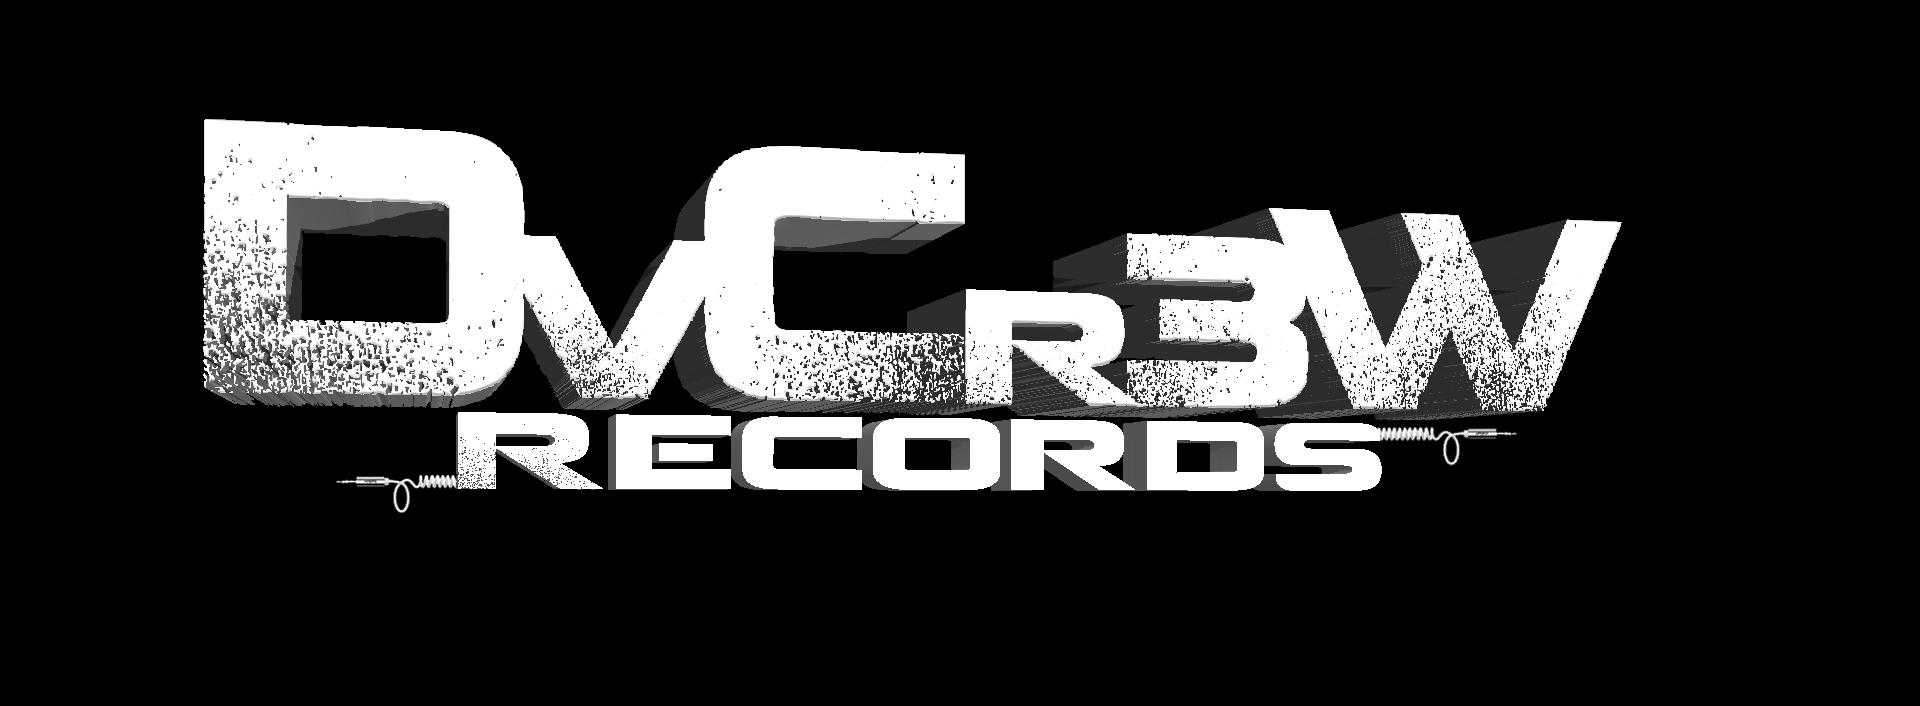 Dvcr3w_records